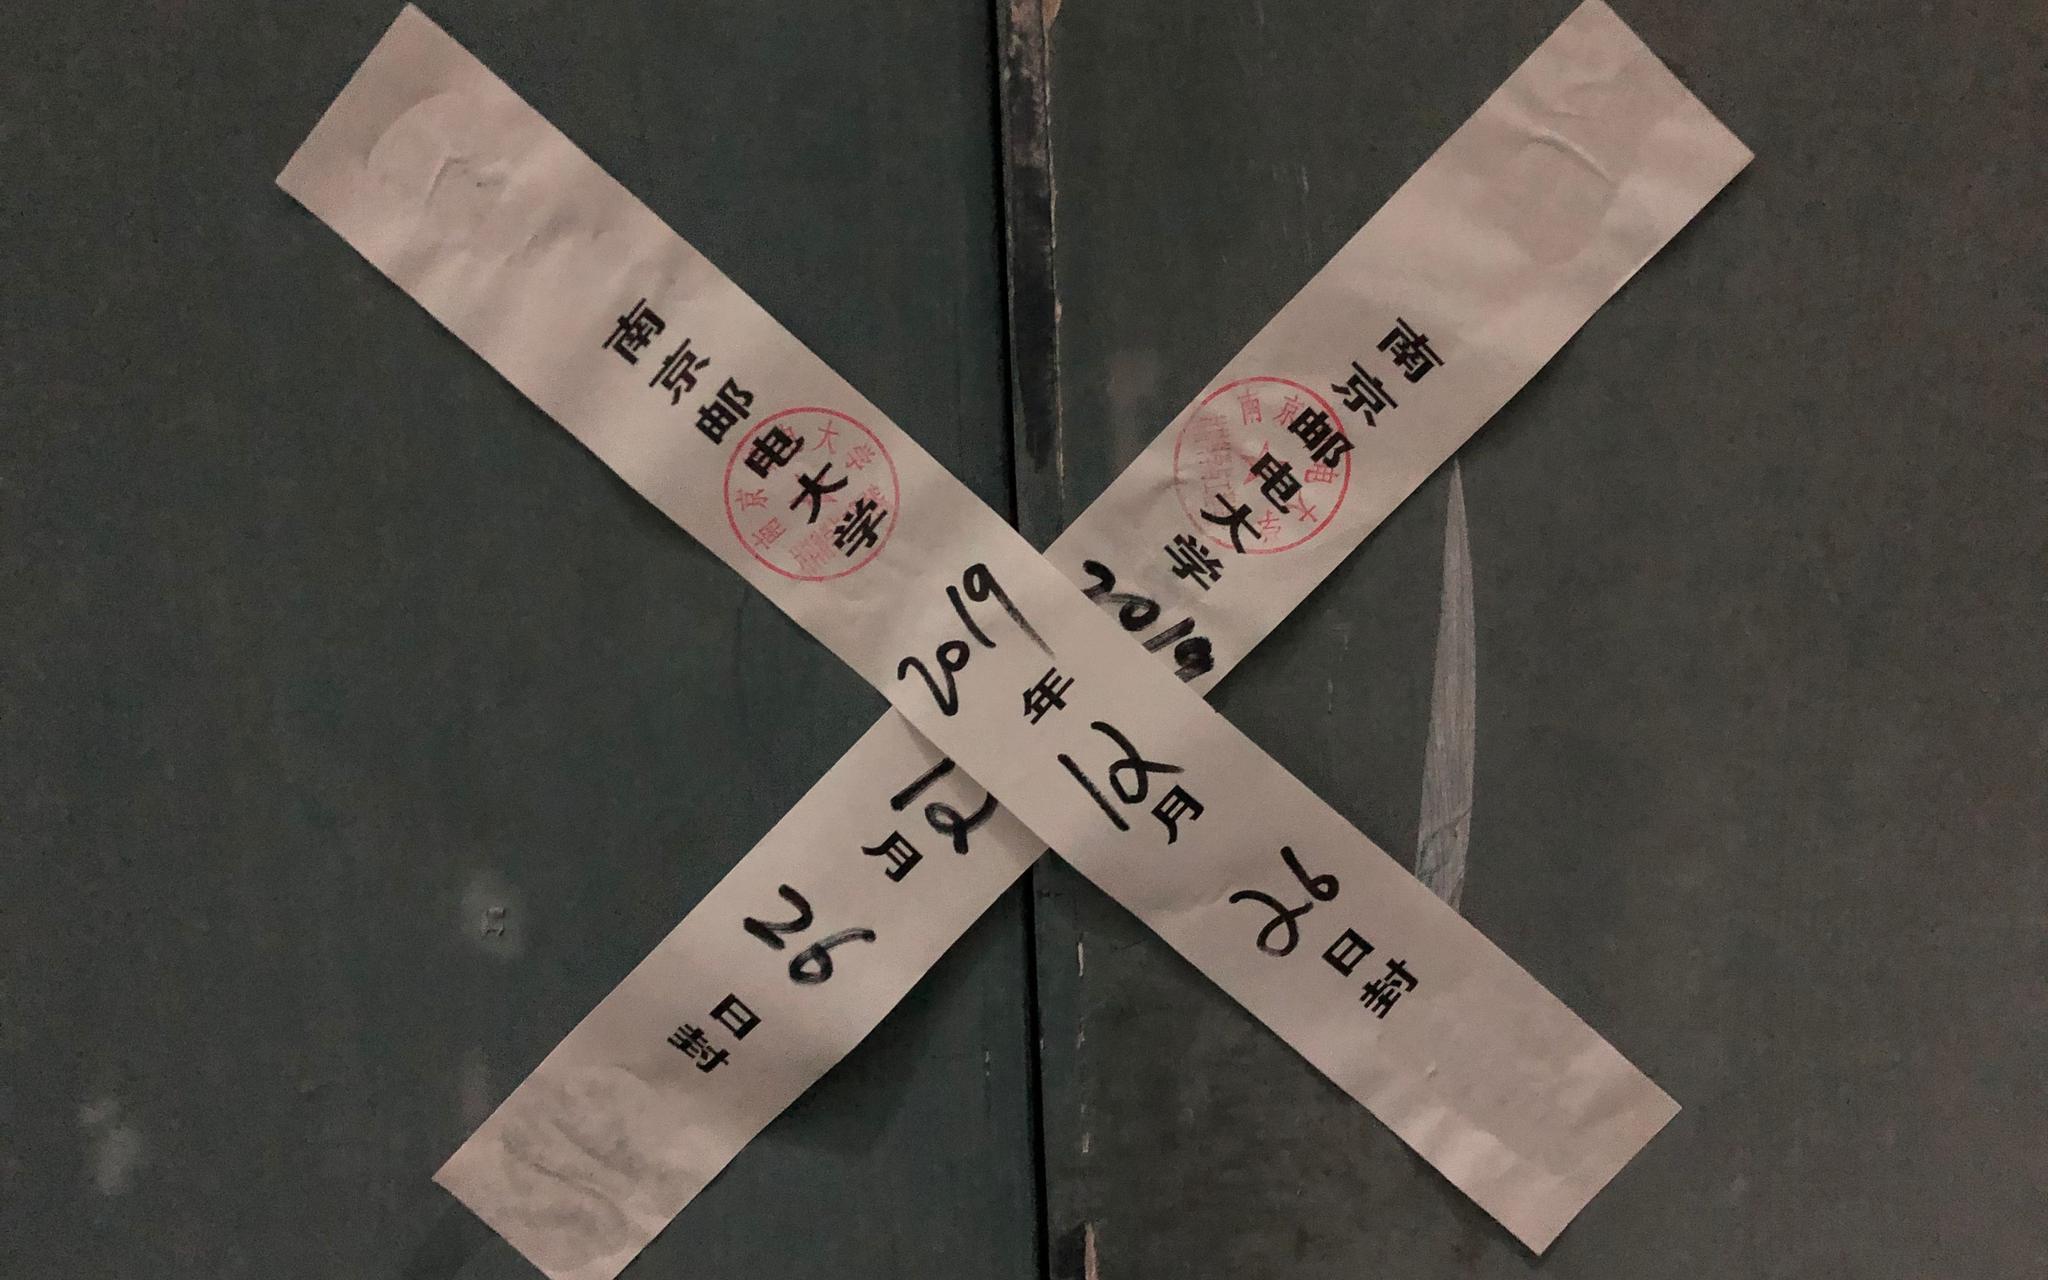 材料学院通往六层的通道已封。 新京报记者 向凯 摄